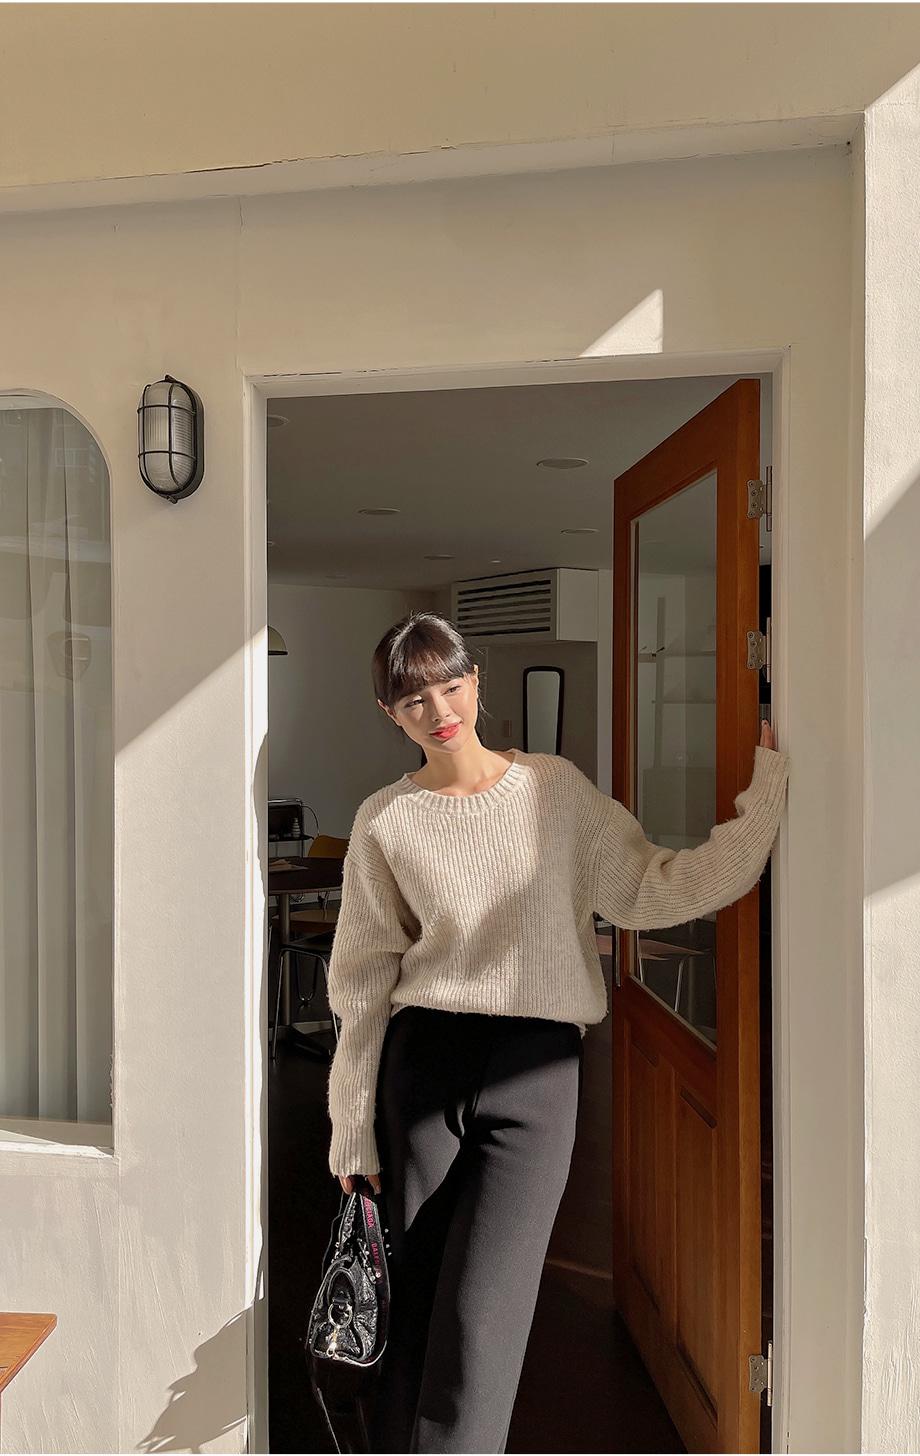 리리앤코 포포코 뒷밴딩 슬랙스